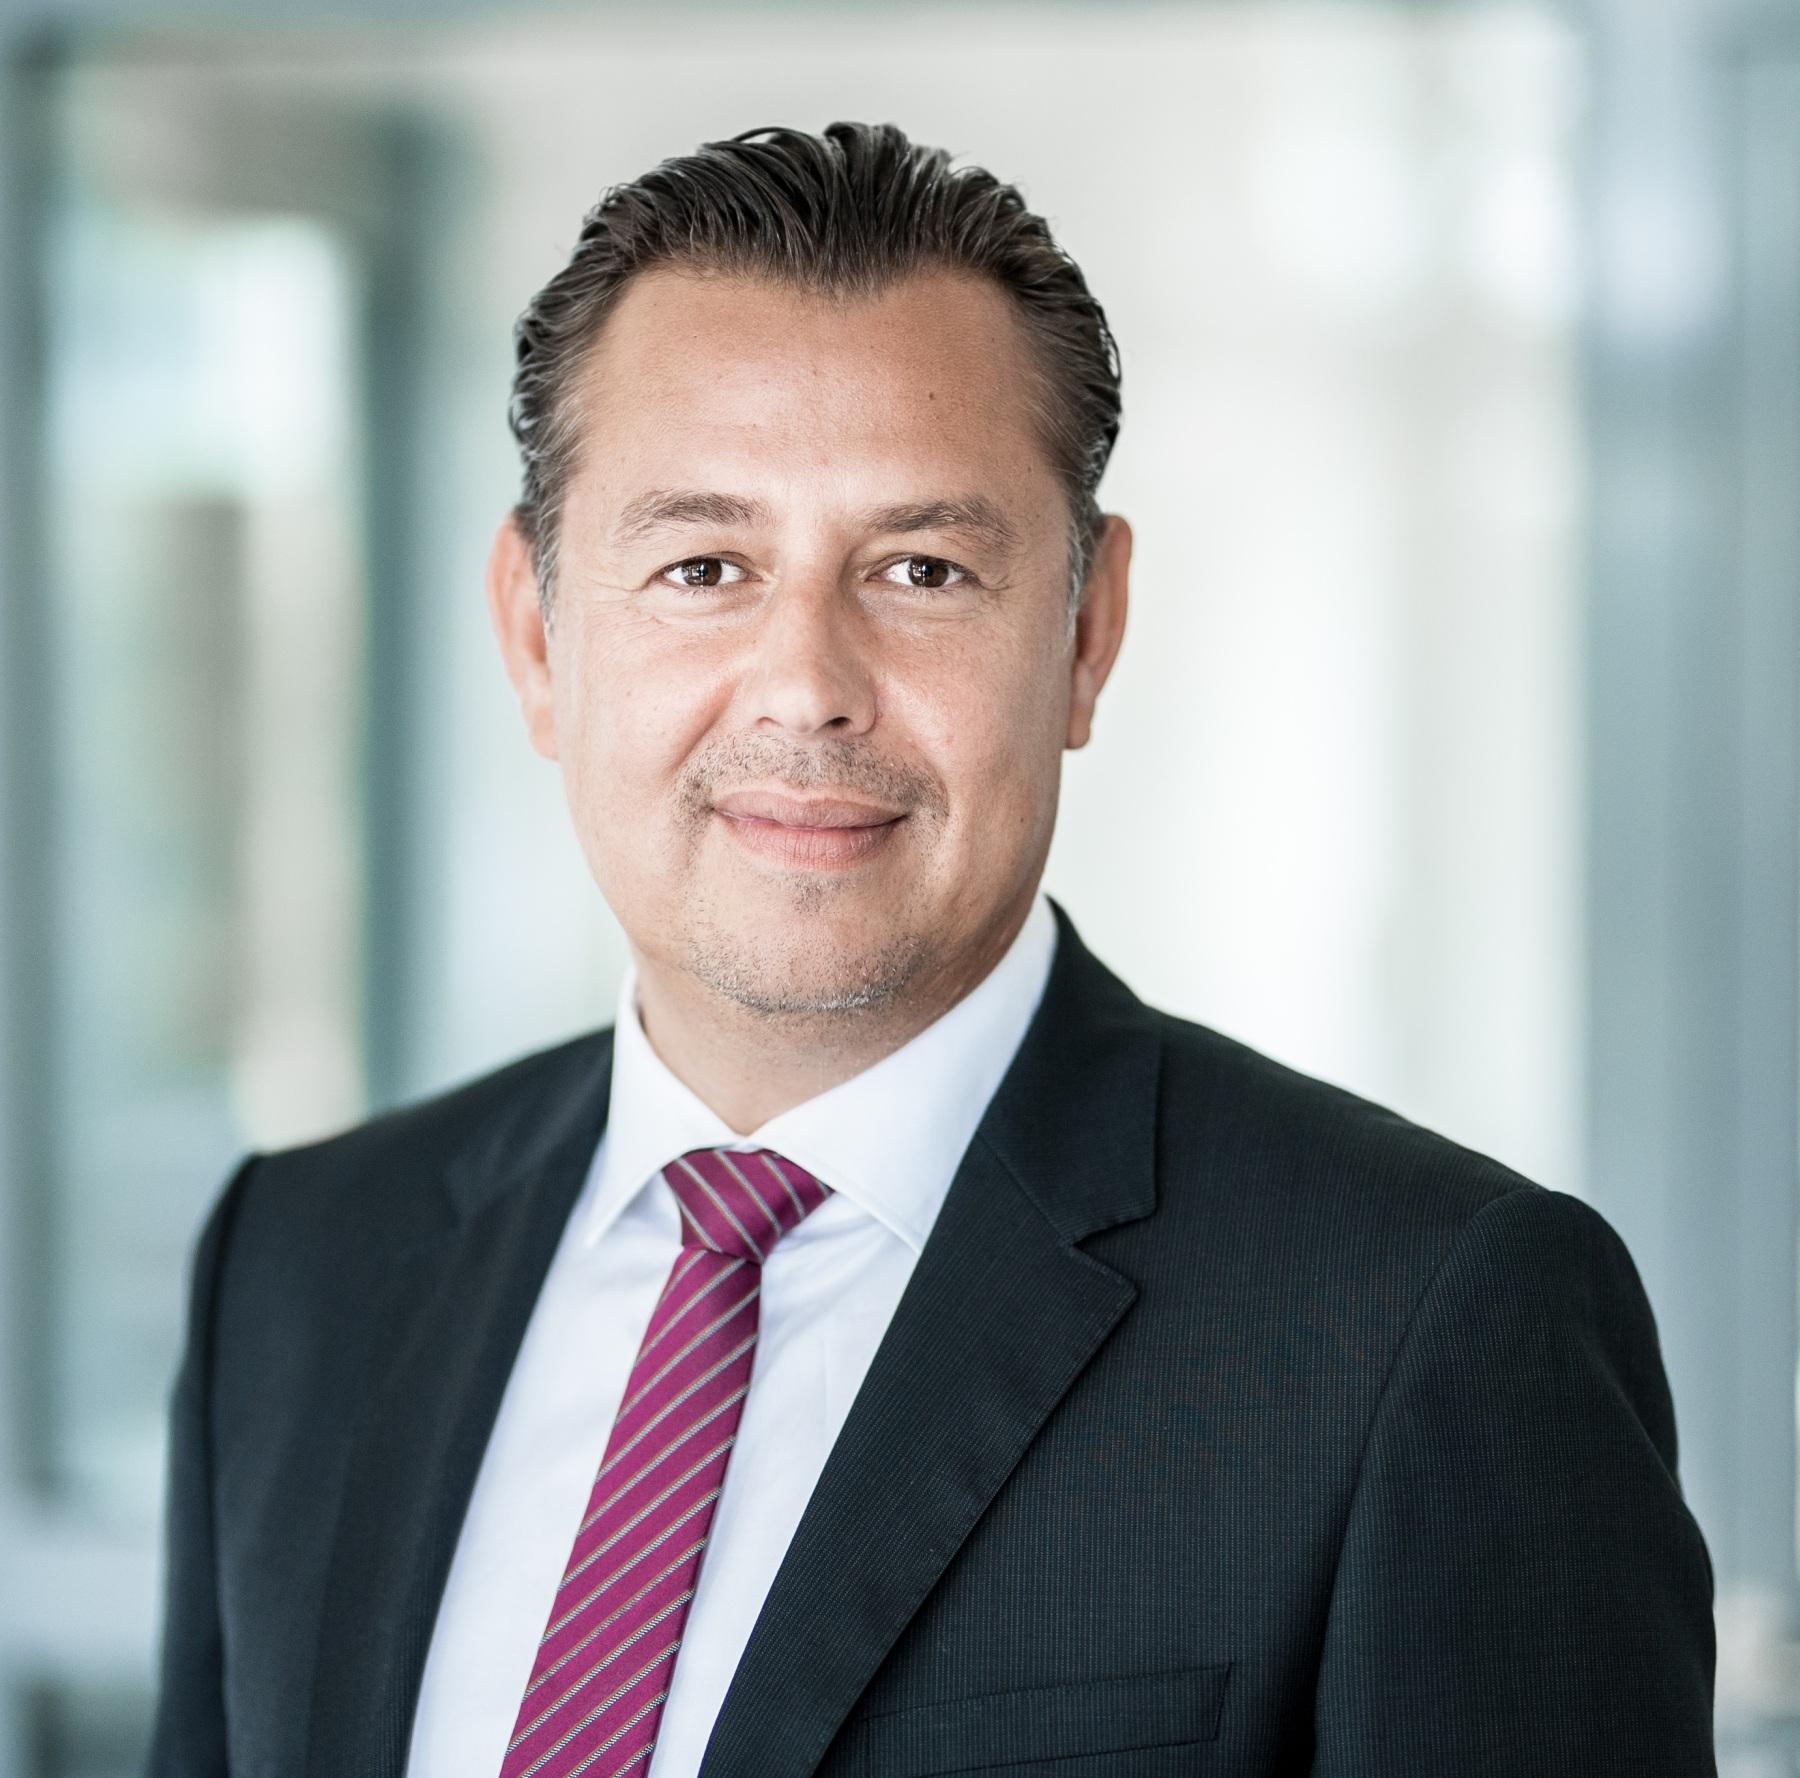 Rechtsanwalt Für Vertragsrecht Essen Dortmund Schnelle Hilfe